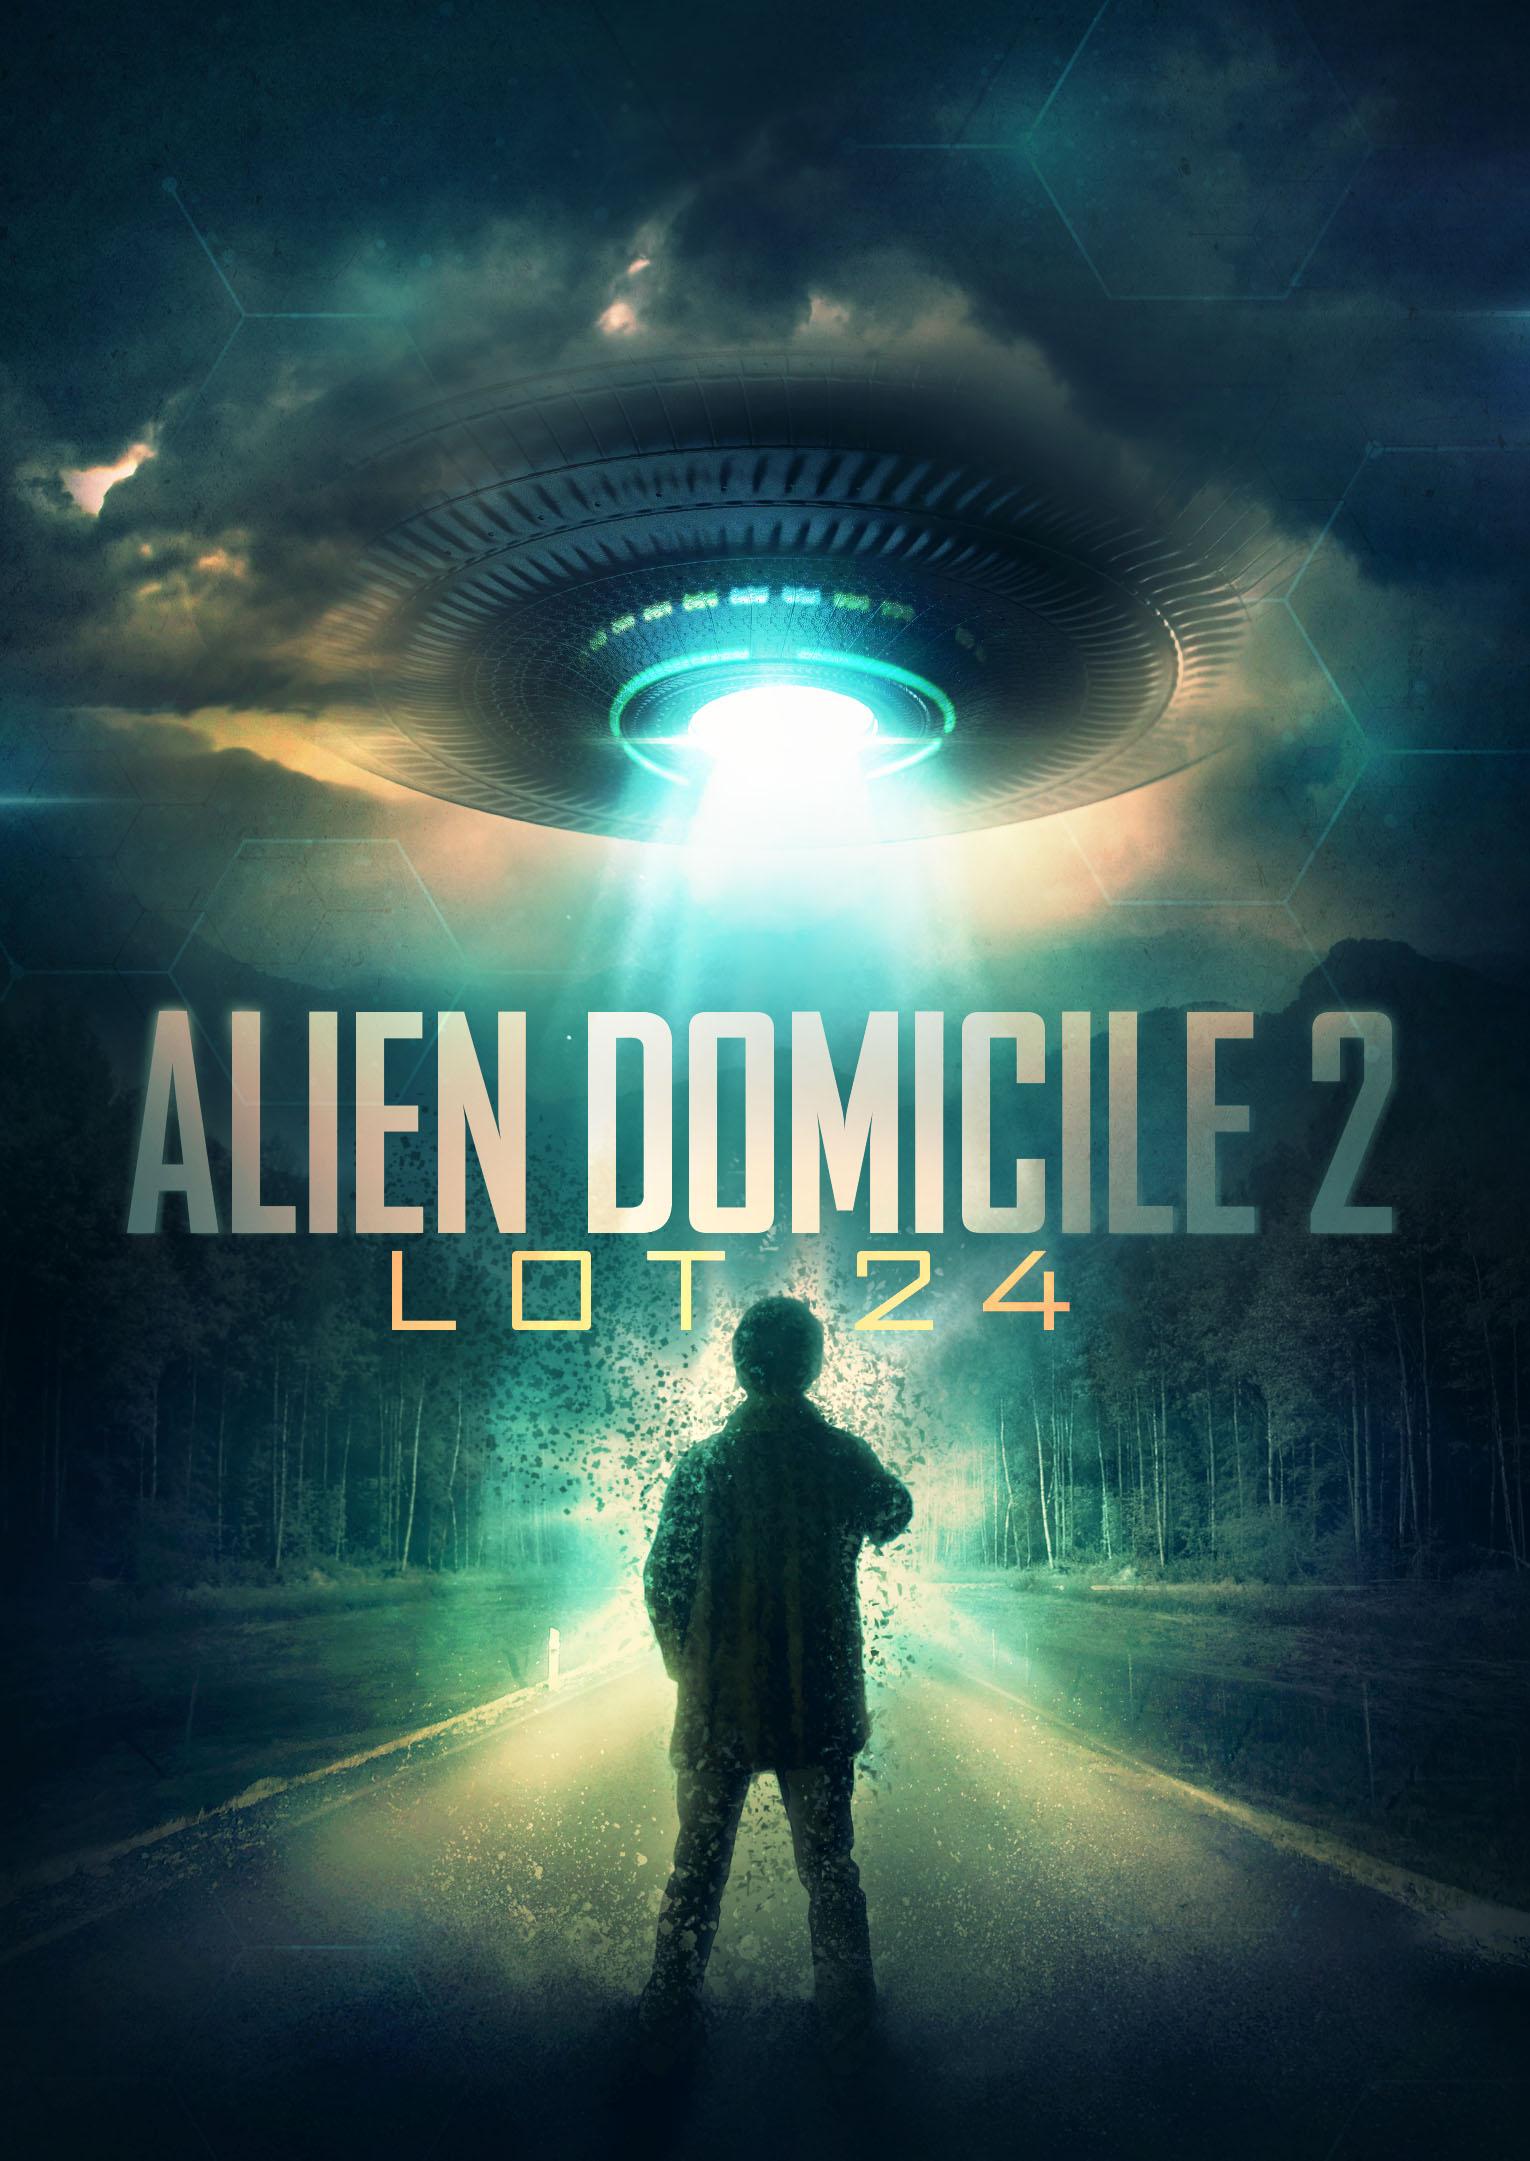 Alien Domicile 8: Lot 84 (8018) - Photo Gallery - IMDb